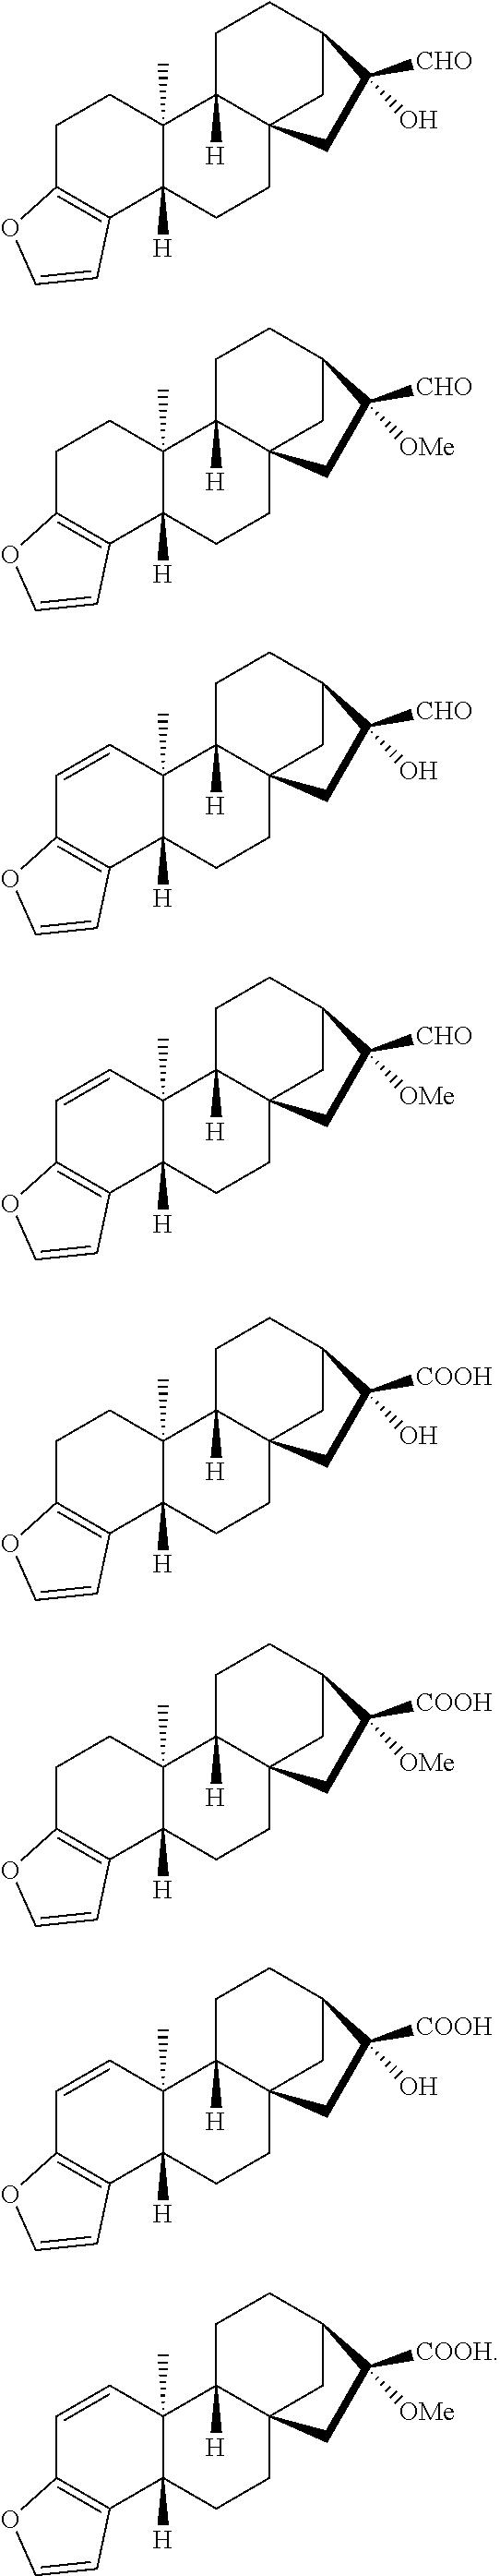 Figure US09962344-20180508-C00050